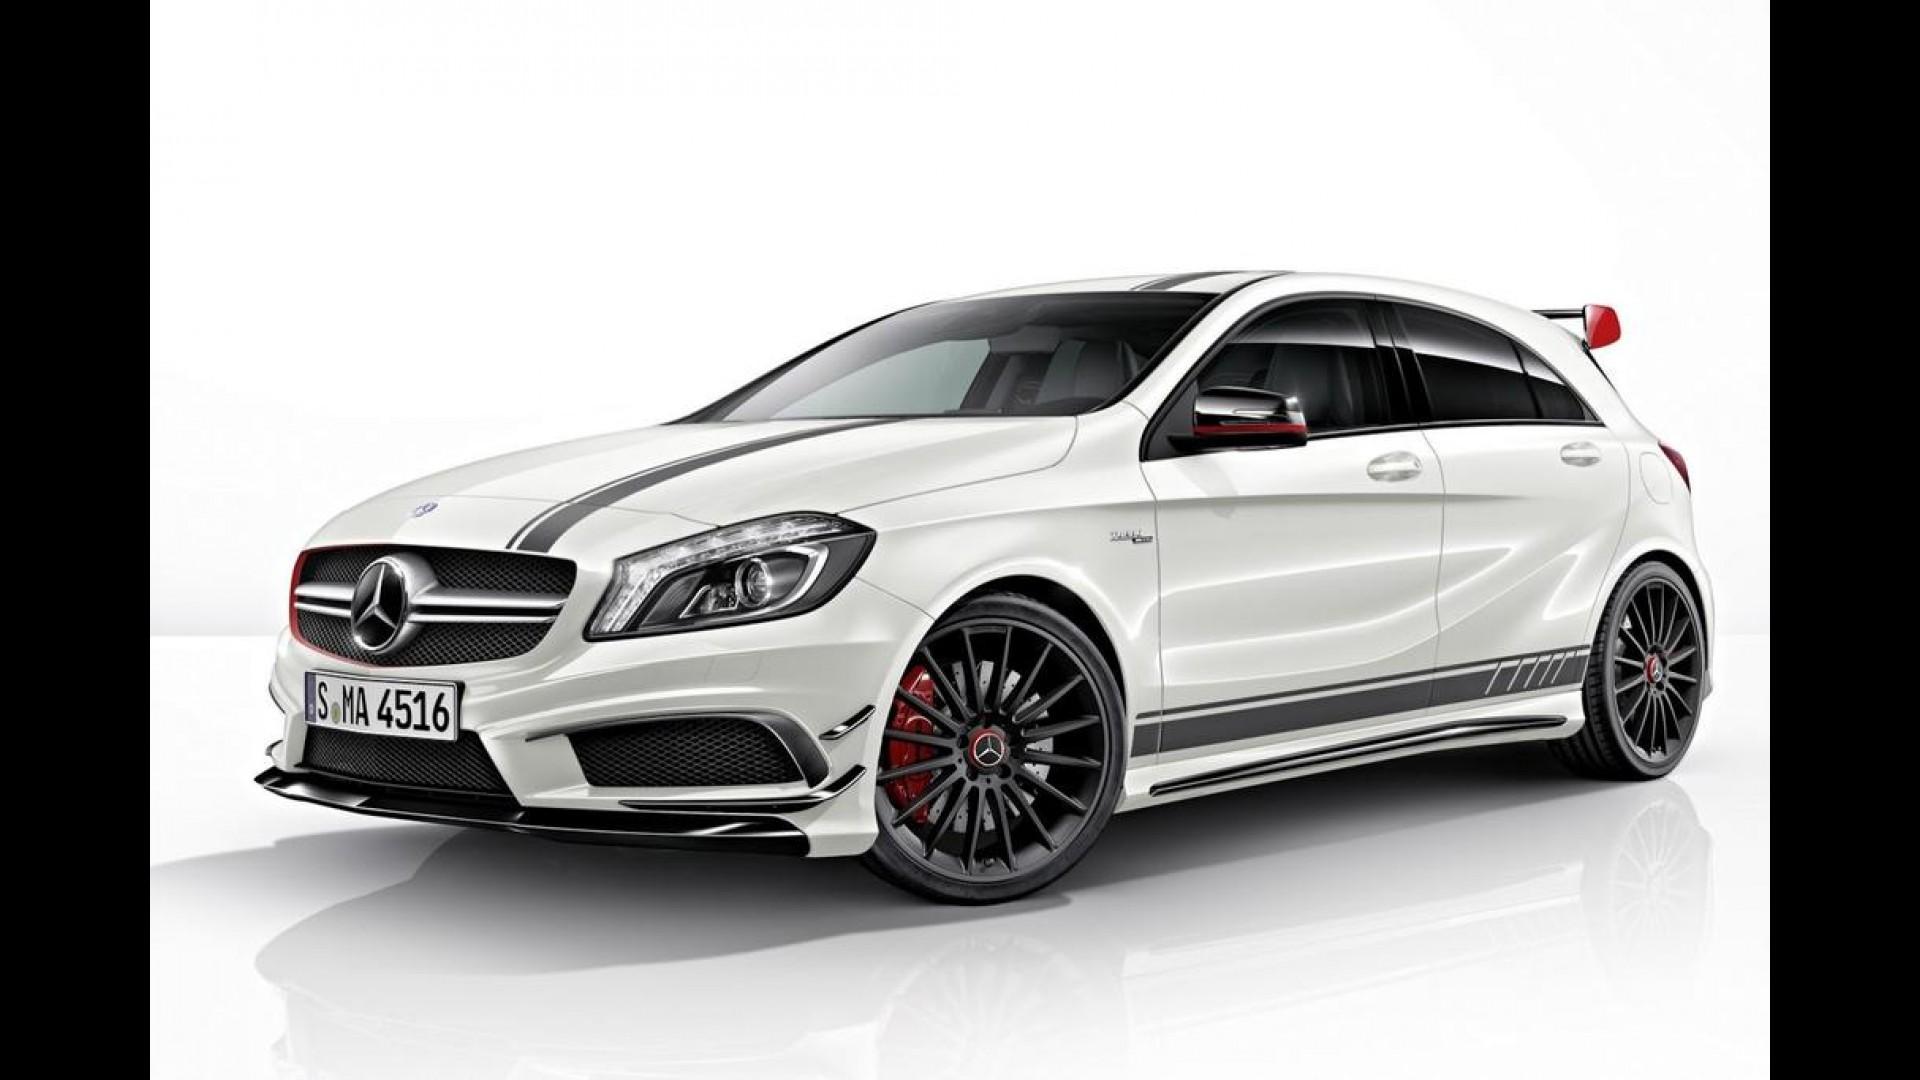 Mercedes benz a45 amg edition 1 for Amg motors mercedes benz